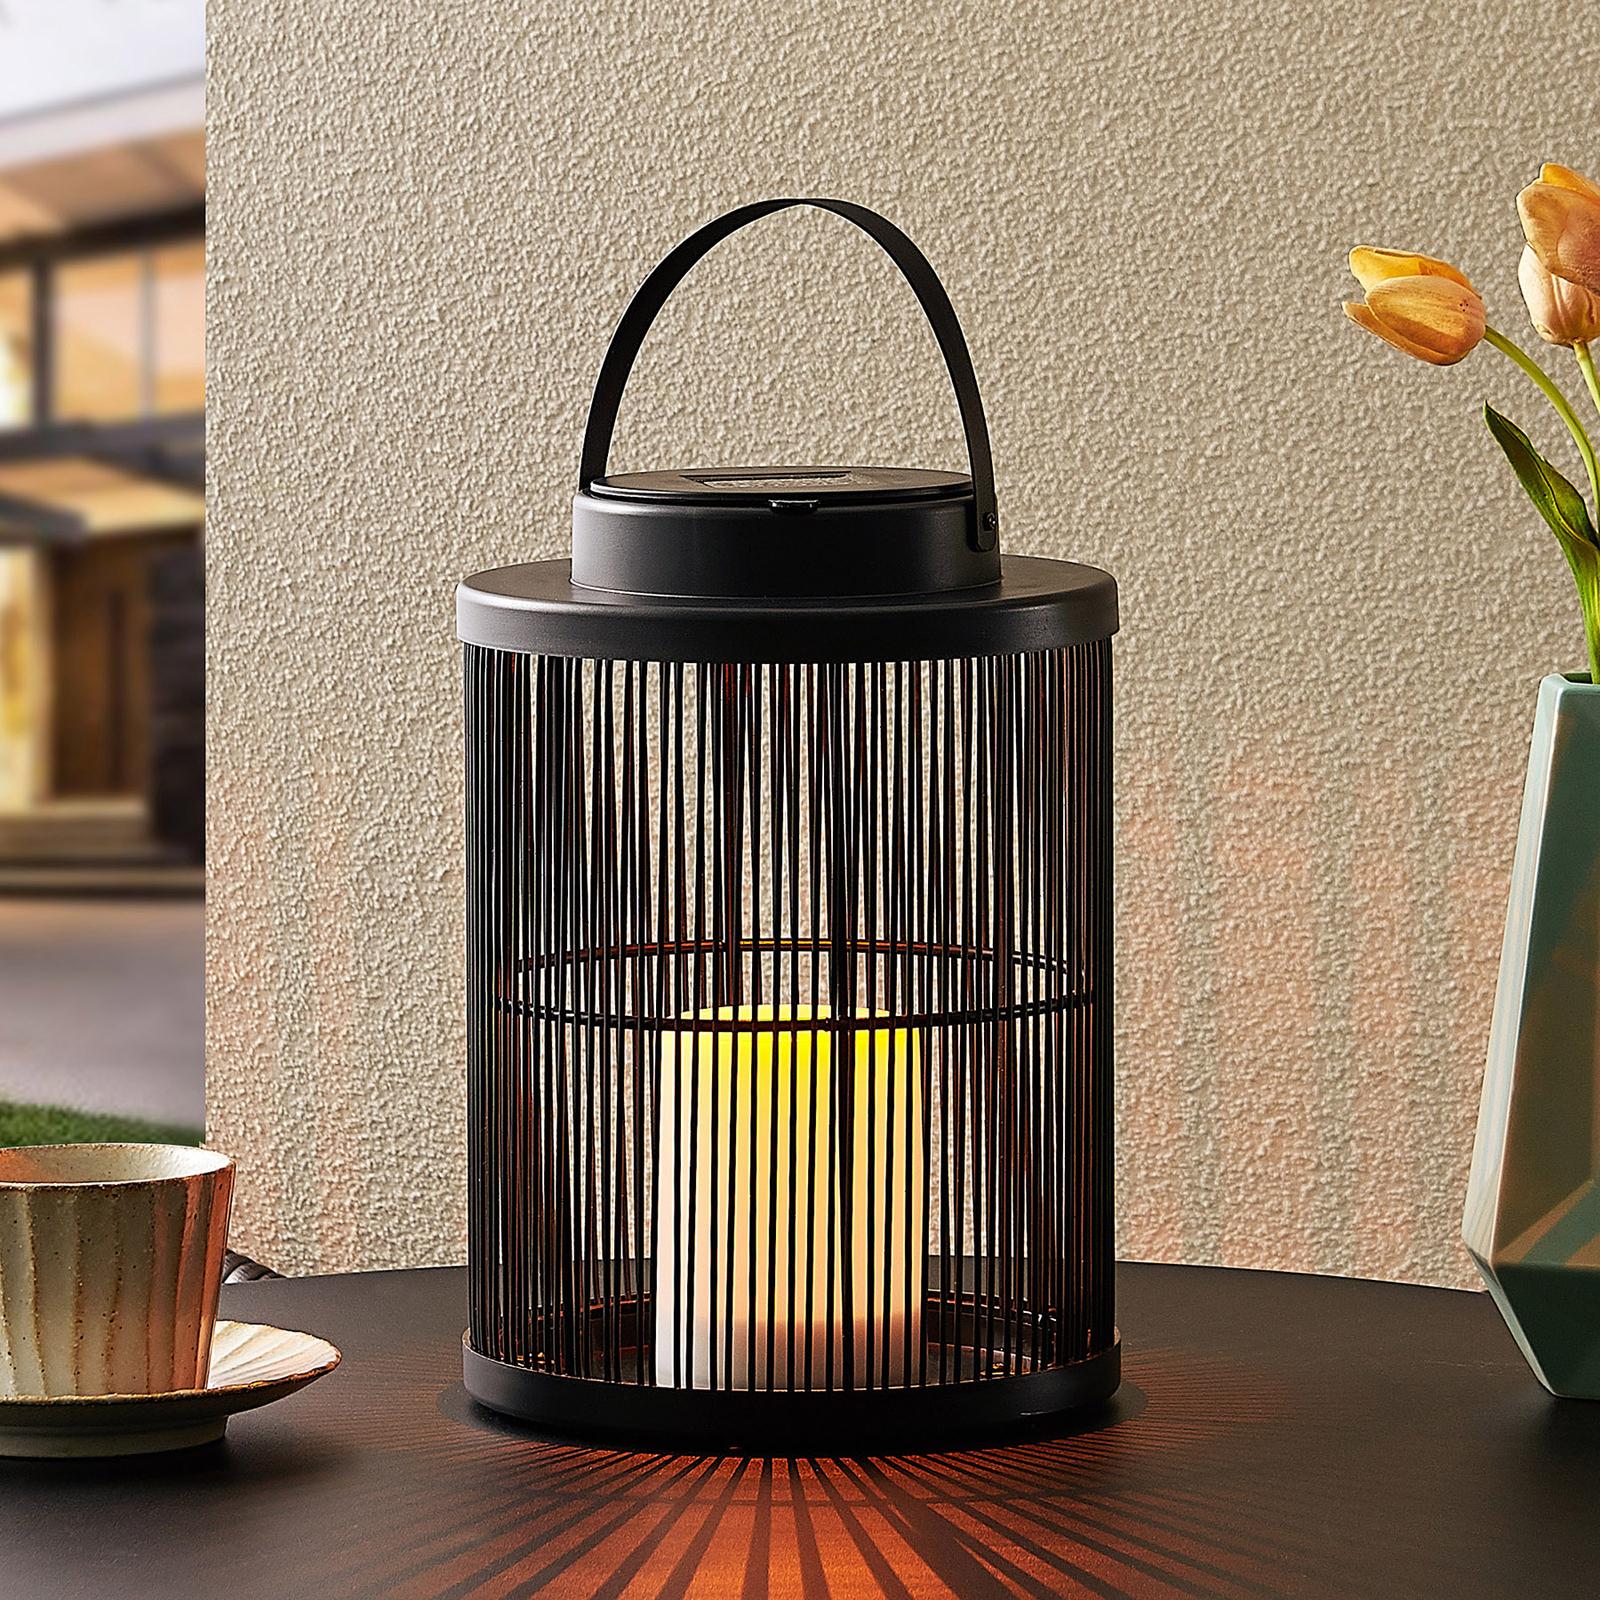 Lindby Balkis solcelle-dekolampe, højde 25,4 cm